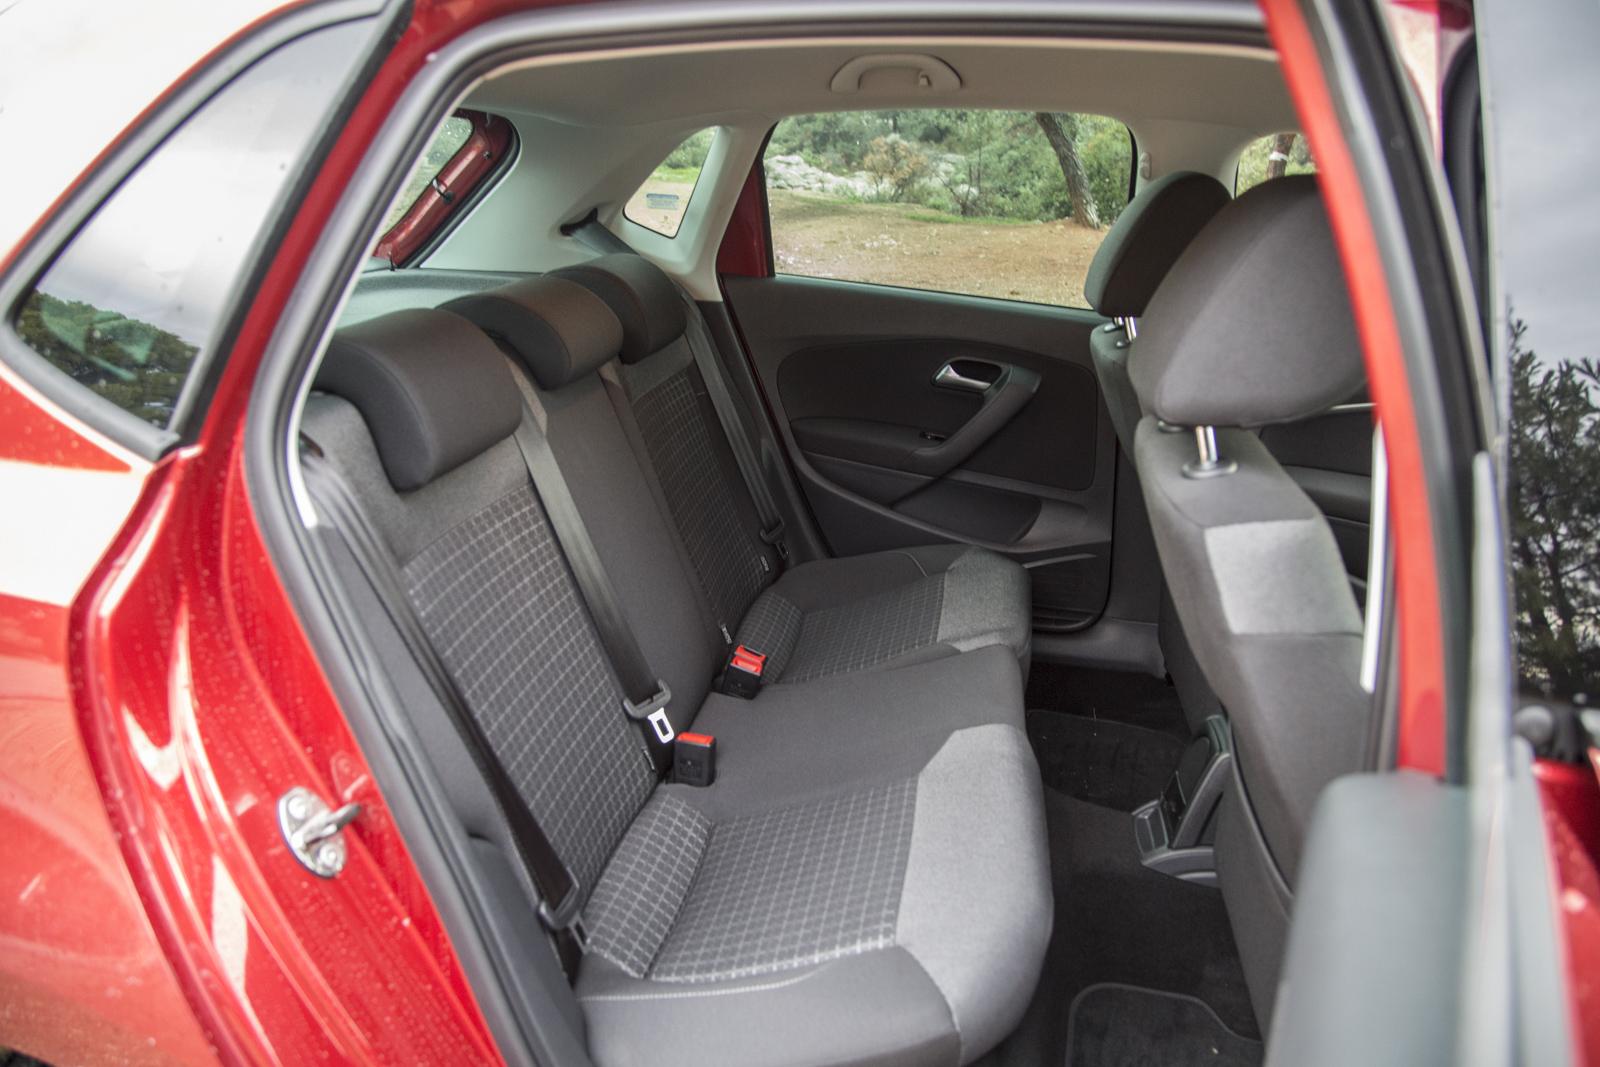 Test_Drive_VW_Polo_1.4_TDI_105_20